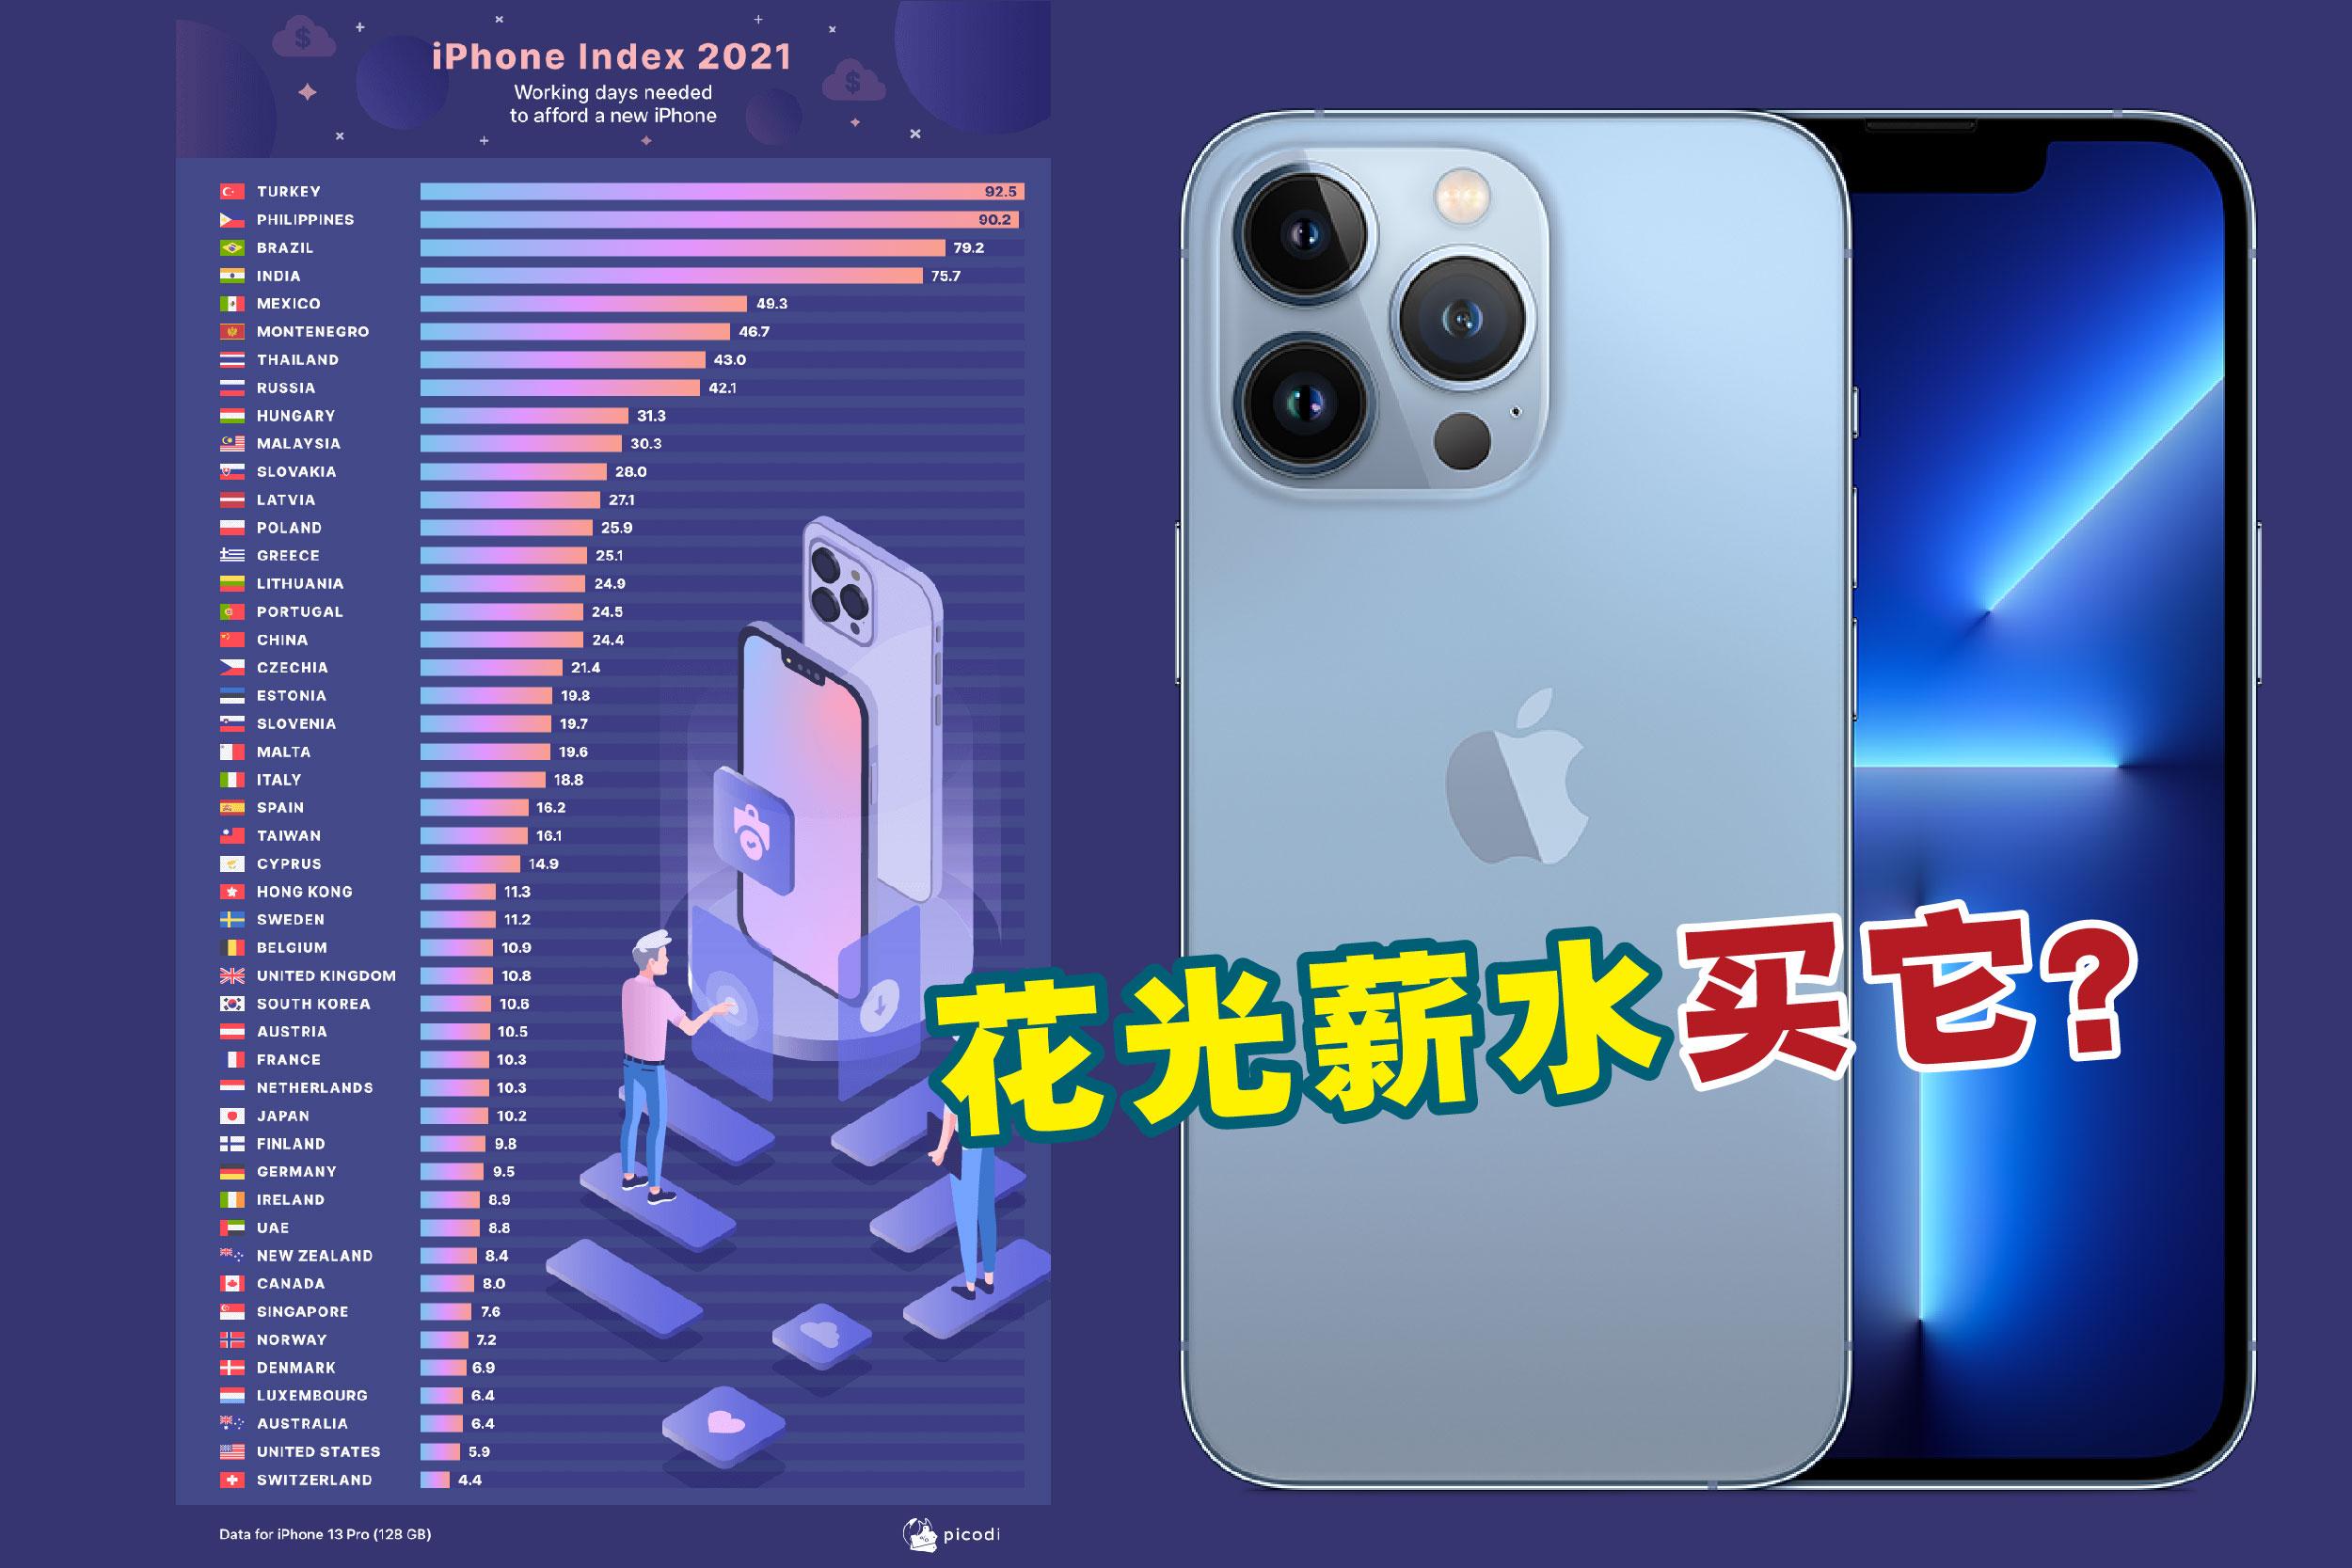 大马人需要工作30.3天才能买买得起iPhone 13 Pro(128GB)。-图摘自Picodi.com/苹果官网/精彩大马制图-